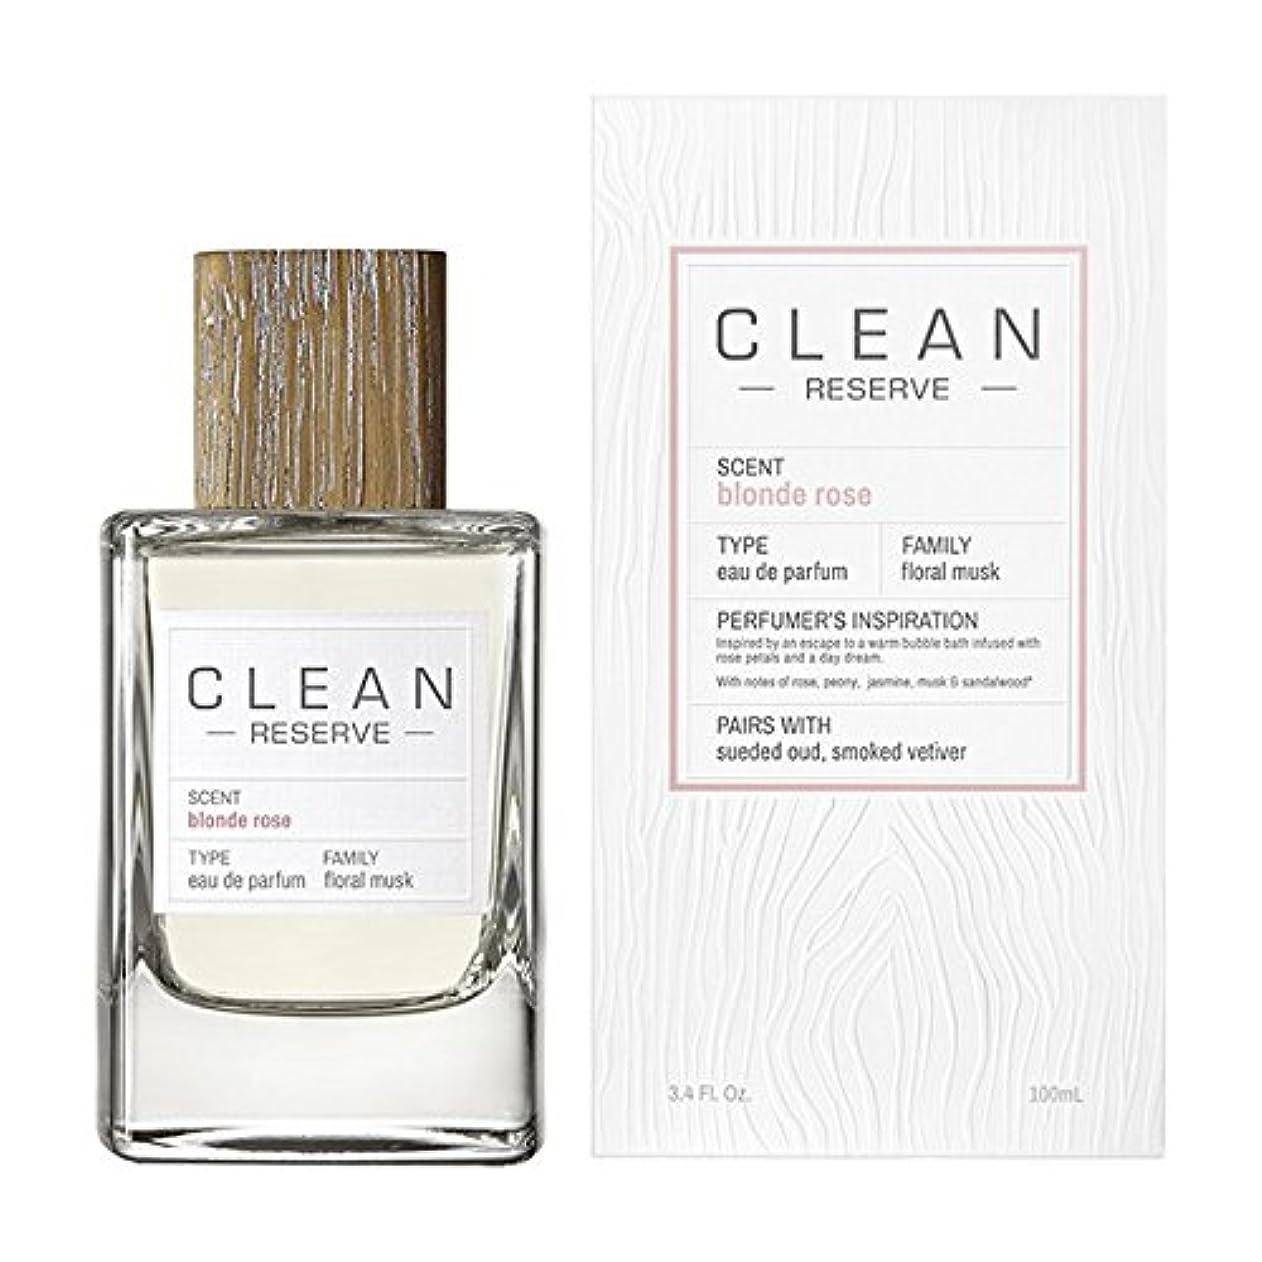 貸す理容師文字通り◆【CLEAN】Unisex香水◆クリーン リザーブ ブロンドローズ オードパルファムEDP 100ml◆